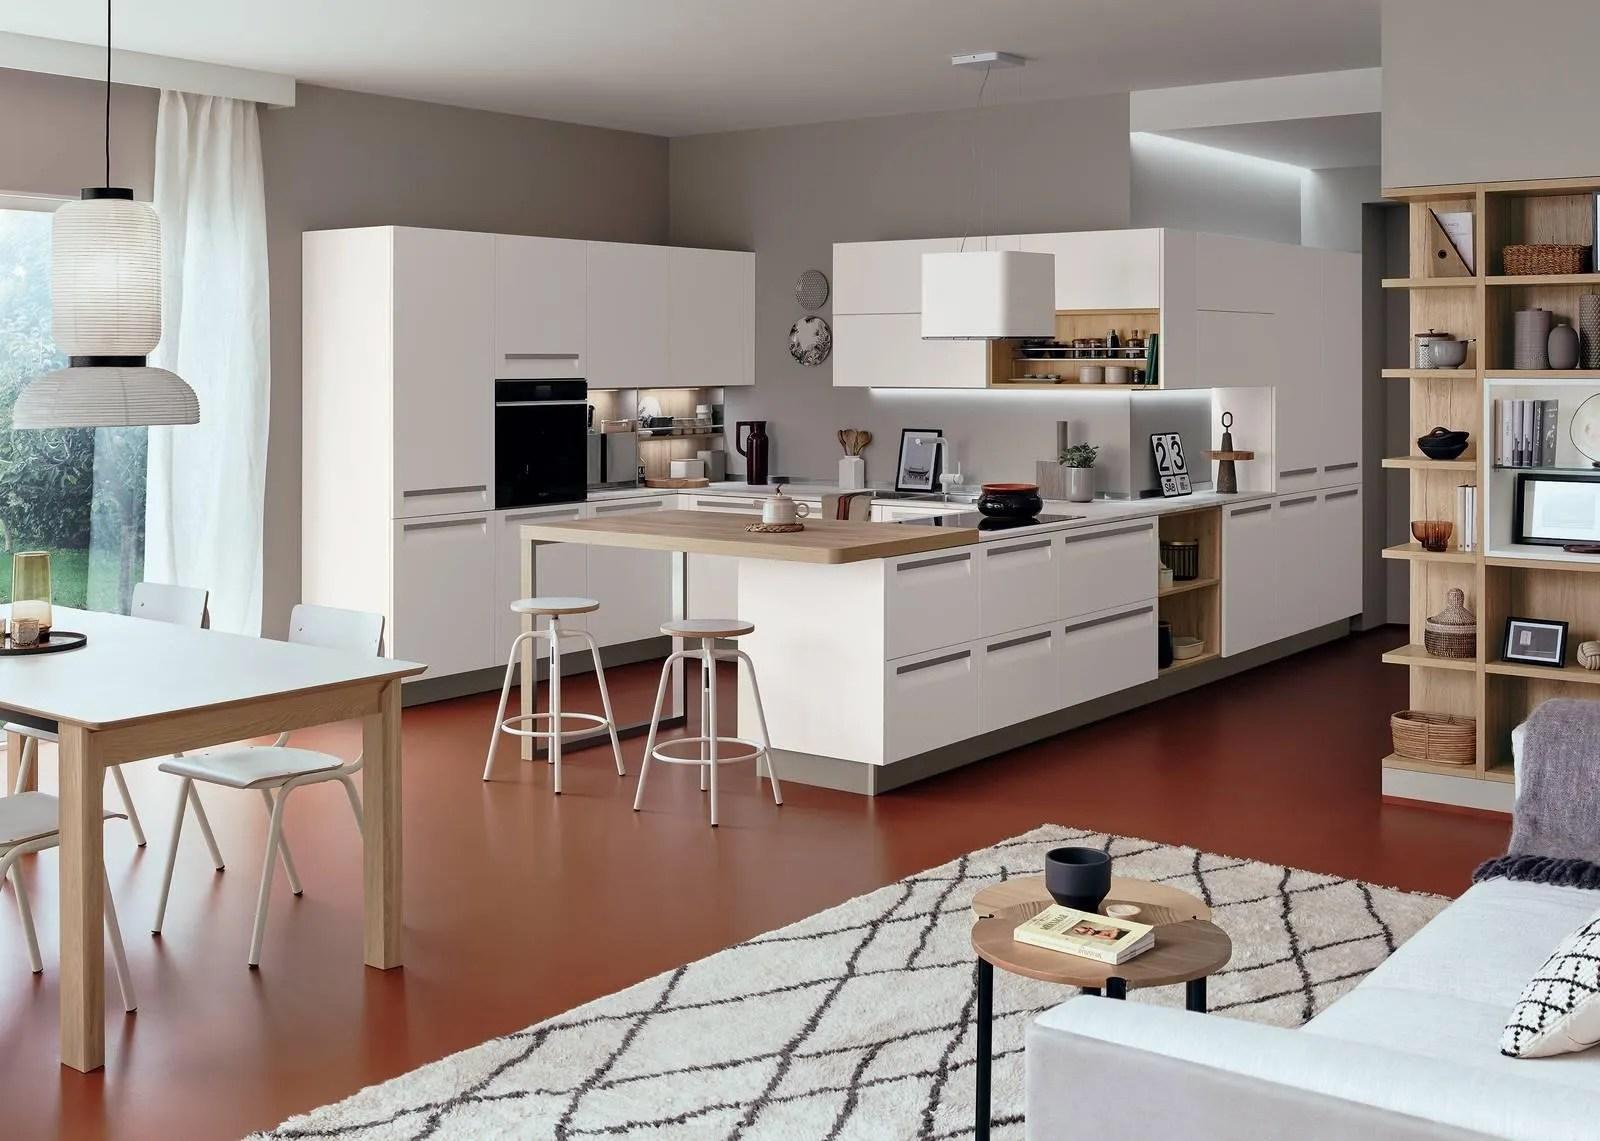 Dispone di ingresso, soggiorno, grande cucina, due ampie camere matrimoniali e due bagni di cui uno con vasca. Come Arredare Cucina E Soggiorno In Unico Ambiente